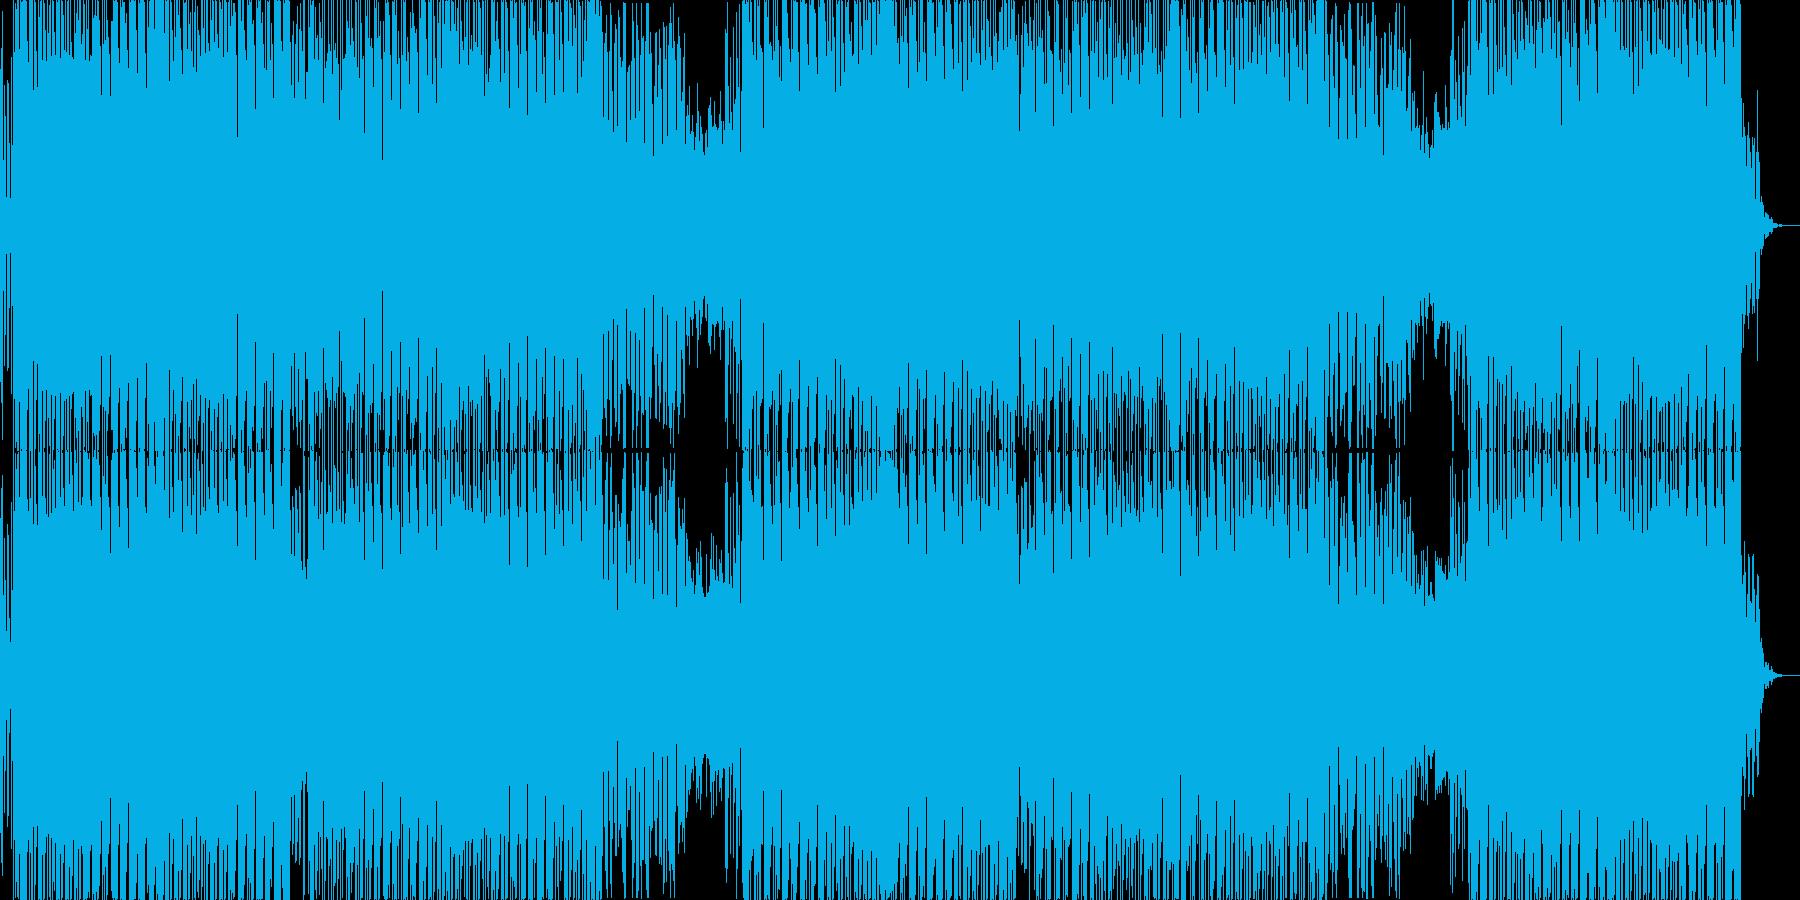 爽やかなシンセウェーブ、テクノ・ポップ♬の再生済みの波形